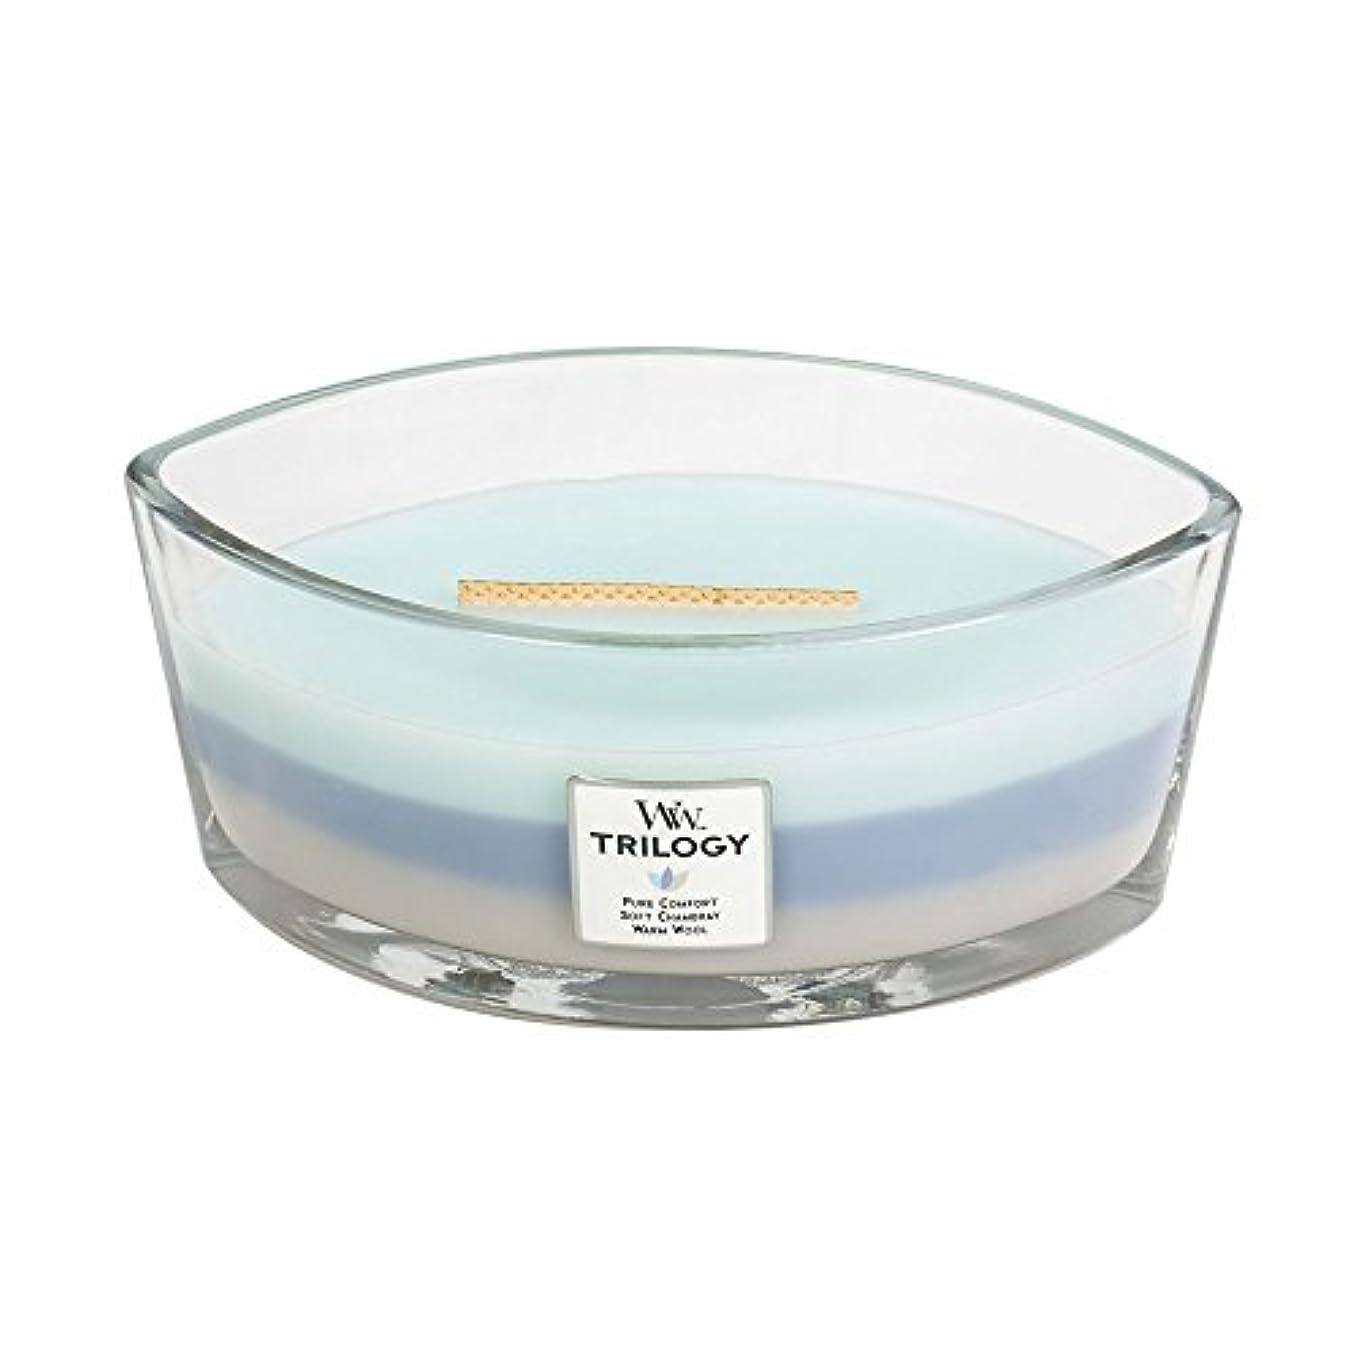 名詞受動的不承認WoodWick Trilogy WOVEN COMFORTS, 3-in-1 Highly Scented Candle, Ellipse Glass Jar with Original HearthWick Flame...